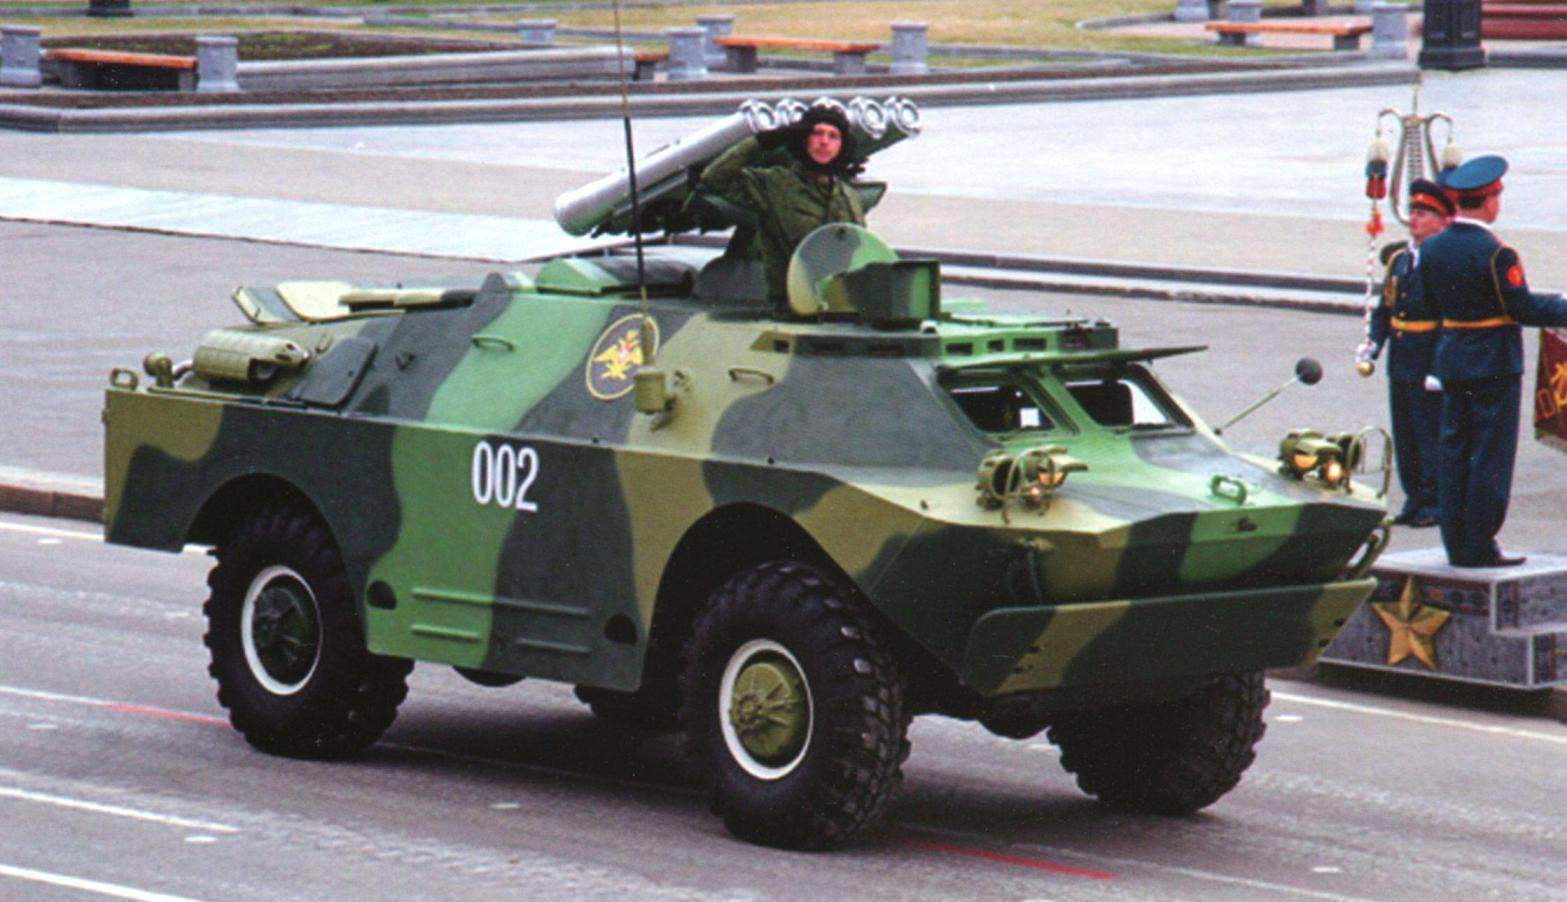 Боевая машина 9П148 комплекса «Конкурс». Парад Победы, Хабаровск, 2010 г.